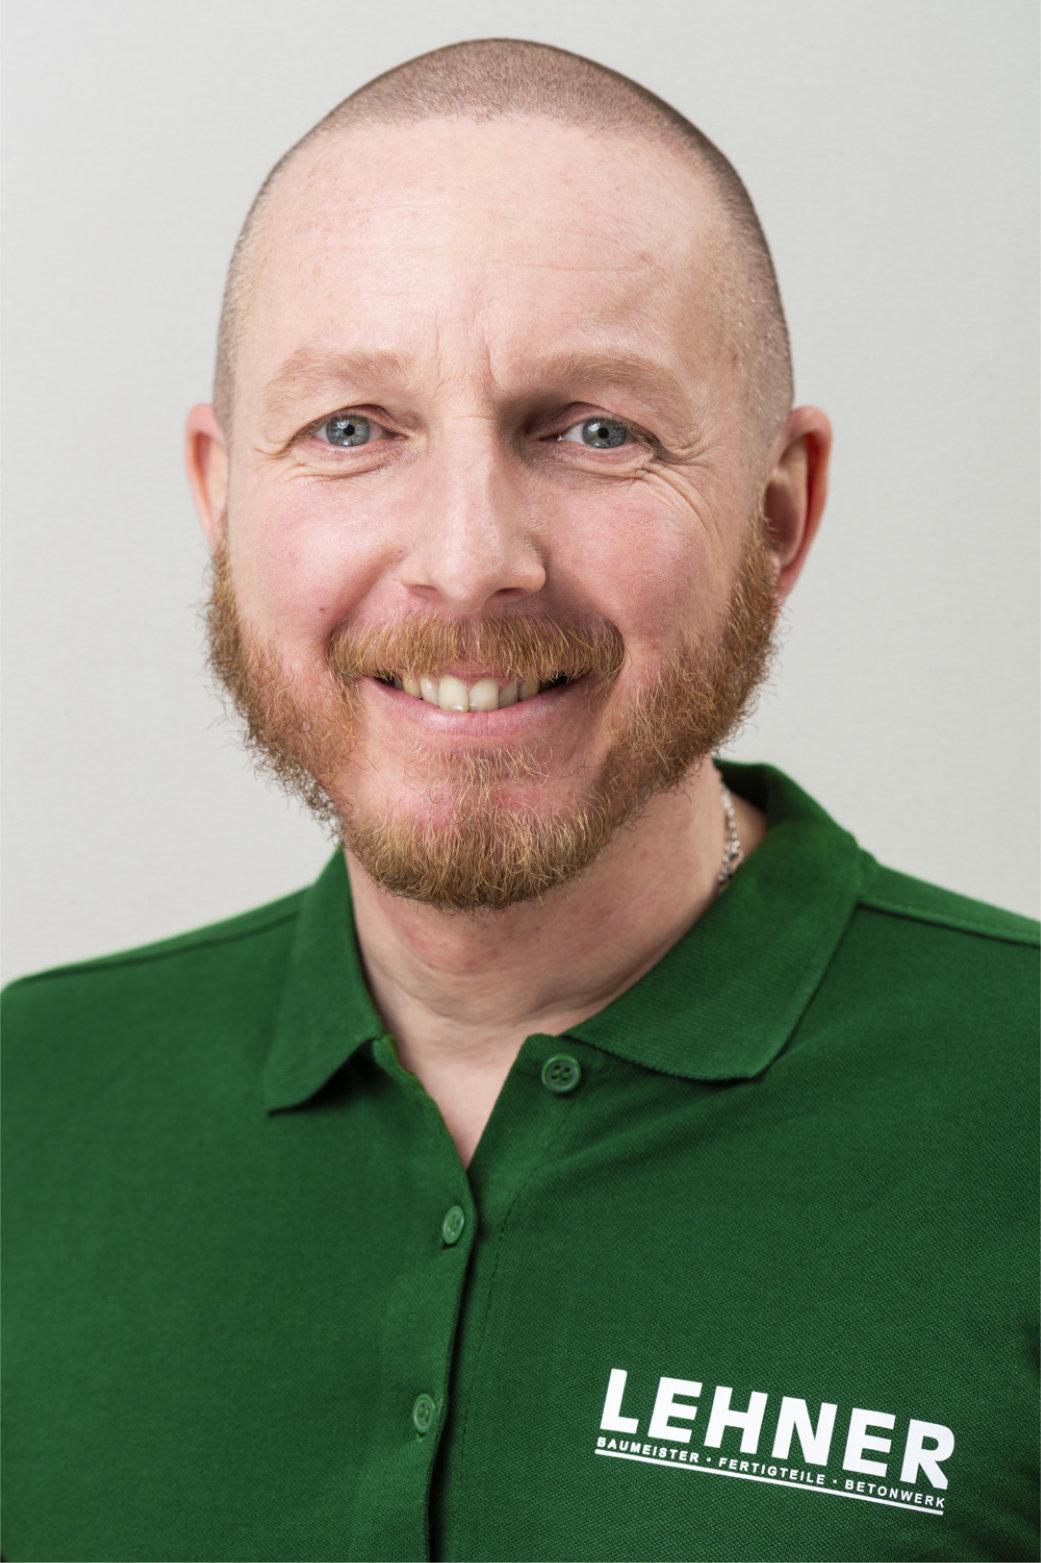 Gerald Leherbauer